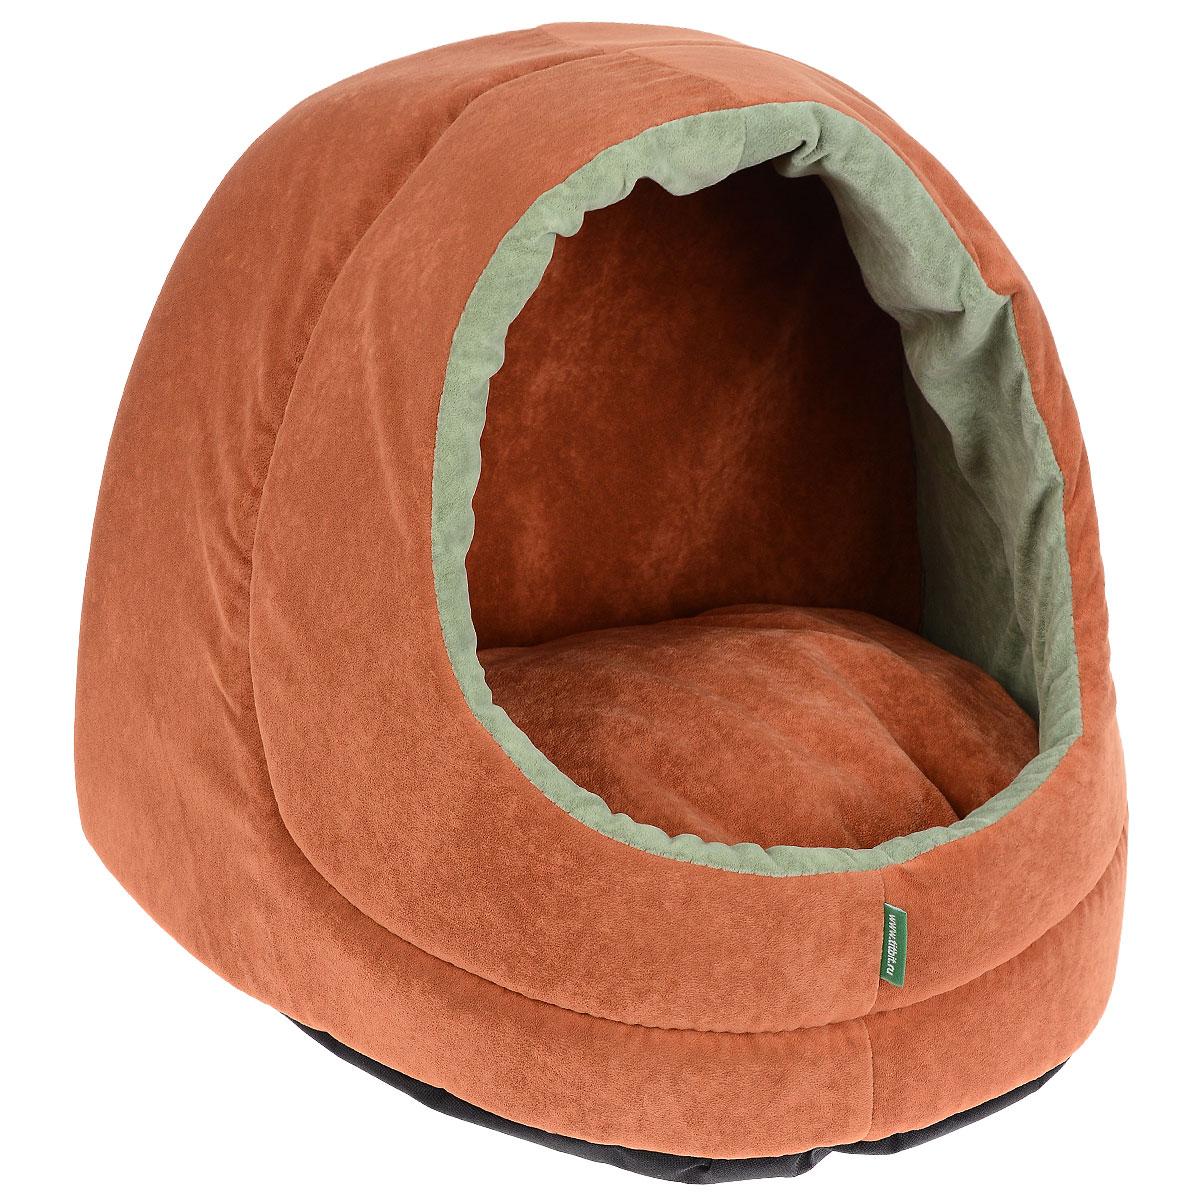 Домик для кошек и собак Titbit, цвет: оранжевый, 35 см х 40 см х 35 см0120710Домик предназначен для кошек и небольших собак. Конструкция из поролона прекрасно держит форму, а отделка из флока - нежная и мягкая на ощупь. Дно домика сшито из износостойкой ткани, а внутри лежит мягкая двусторонняя подушка на синтепоне. Стильная расцветка впишется в любой интерьер. Домик от TiTBiT обеспечит Вашему питомцу уютный и комфортный отдых. Вкус: Состав: ткань мебельная флок, поролон, синтепон. ткань ОксфордУсловия хранения: сухое место.